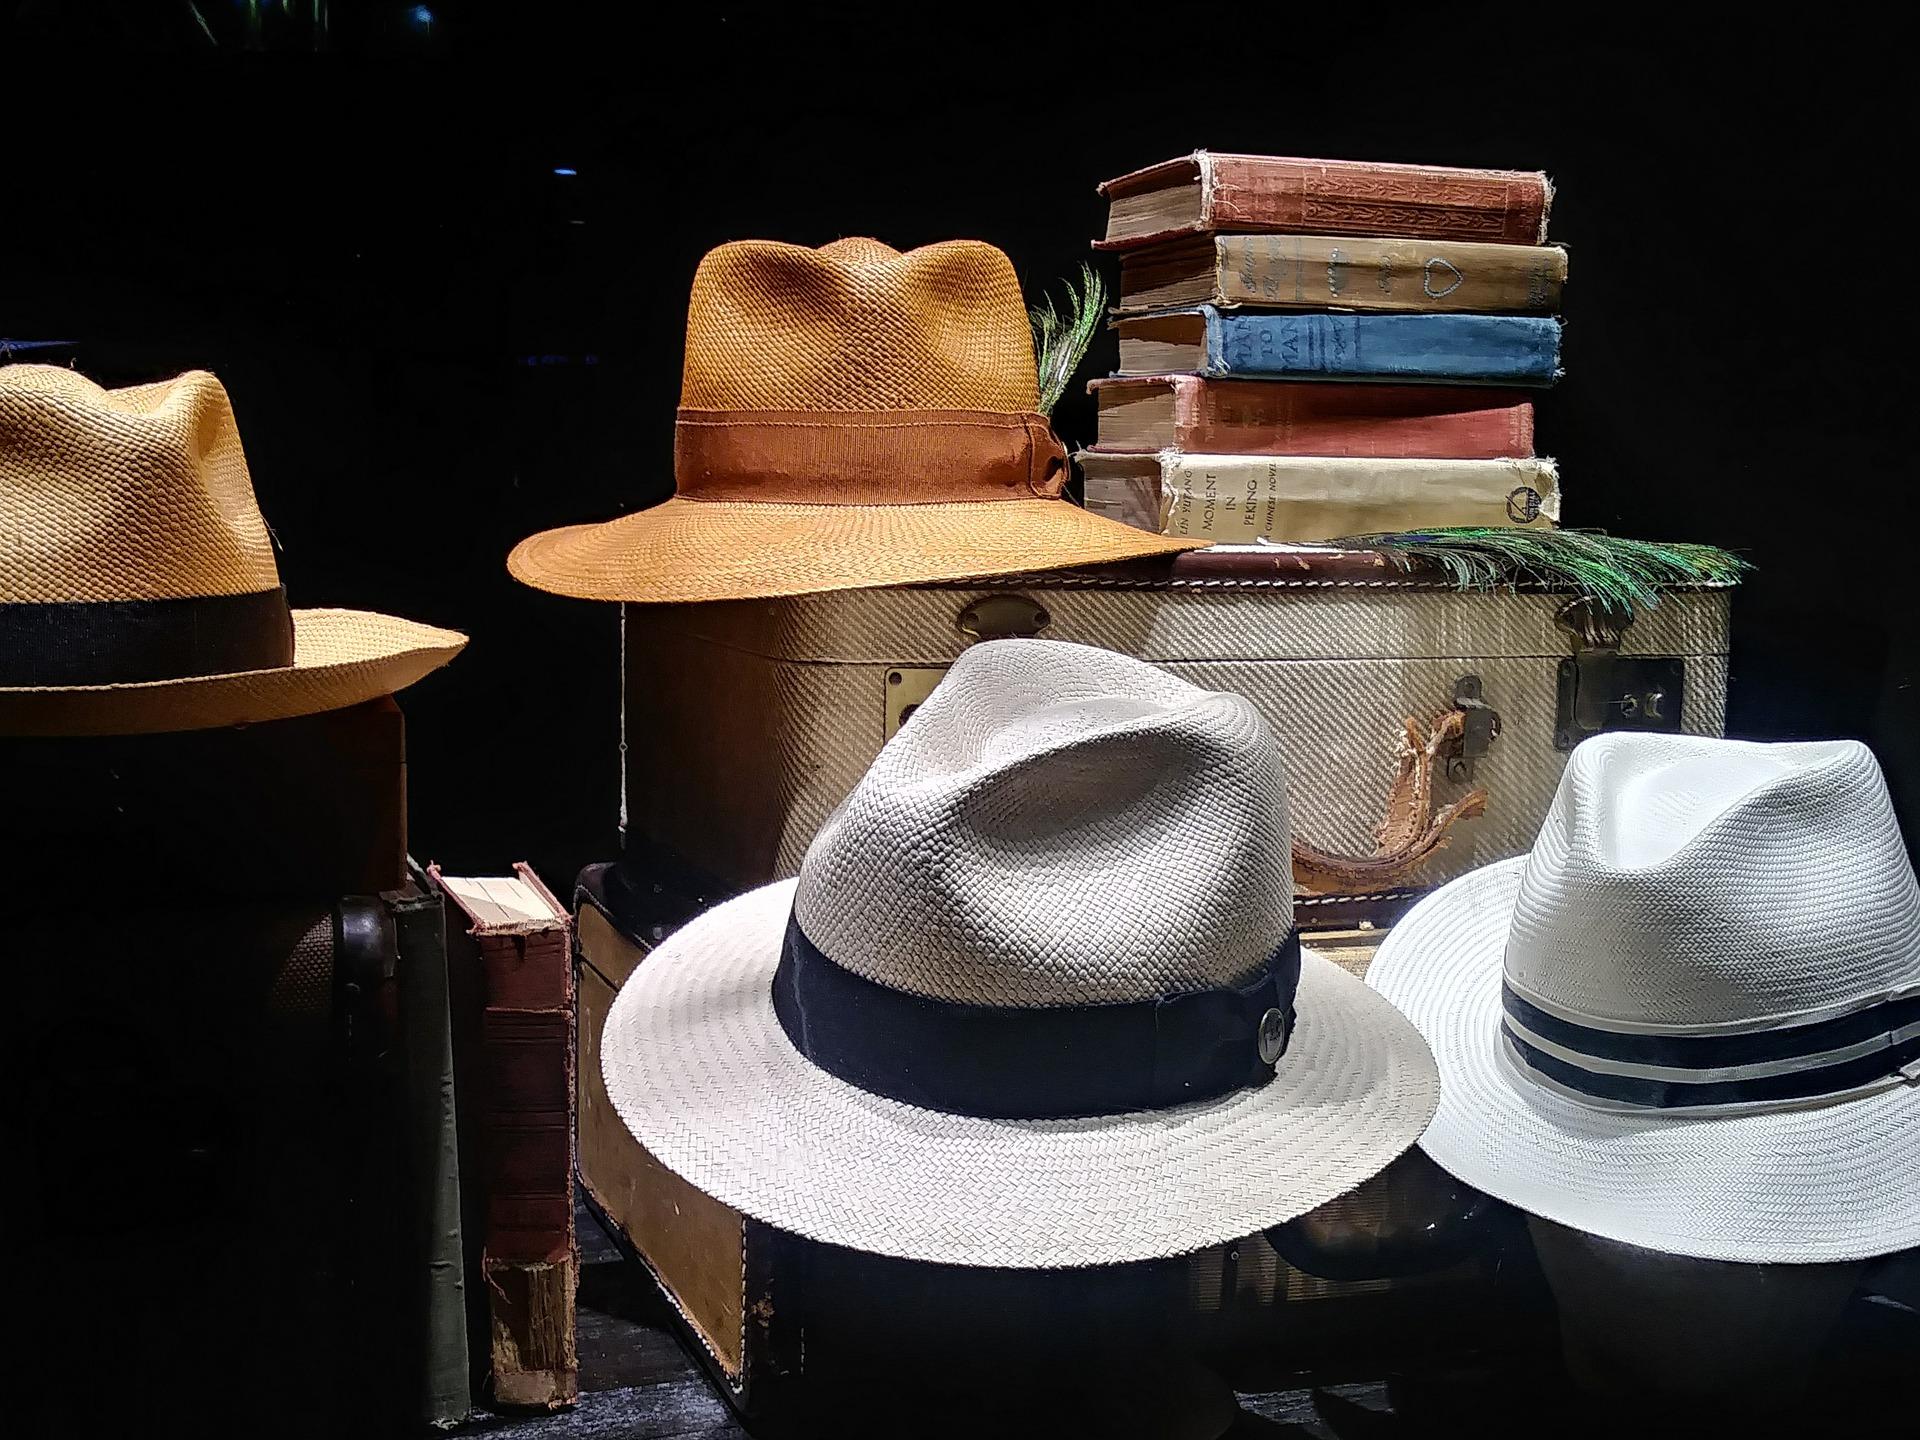 mens-hats-2690758_1920.jpg